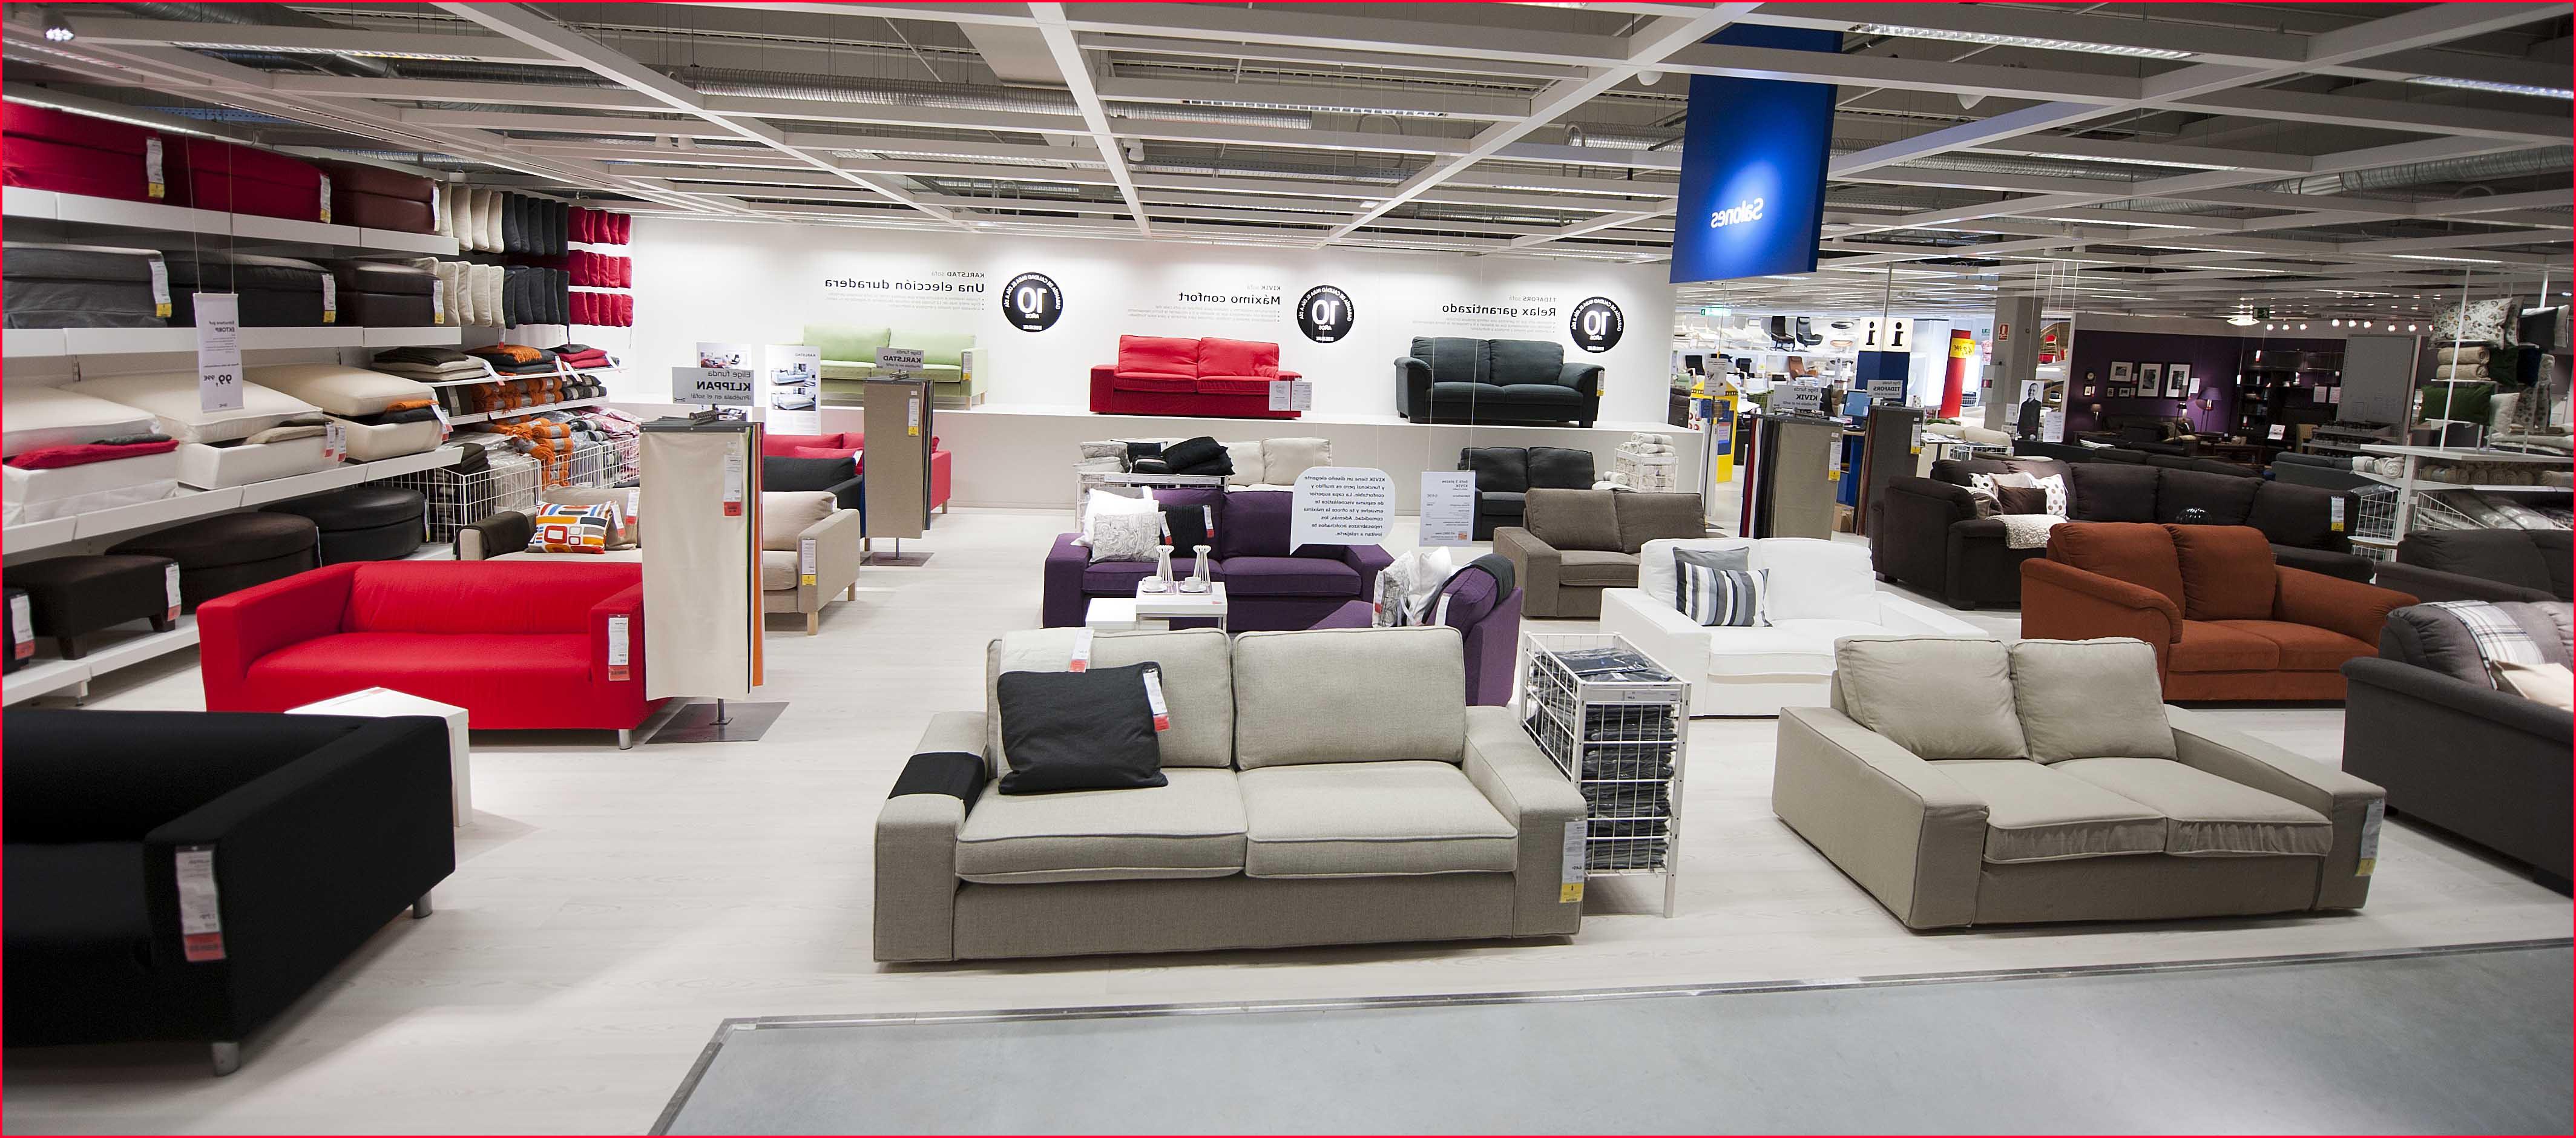 Tiendas De Muebles De Segunda Mano En Barcelona E9dx Tiendas De Muebles De Segunda Mano En Barcelona Ikea Redecora